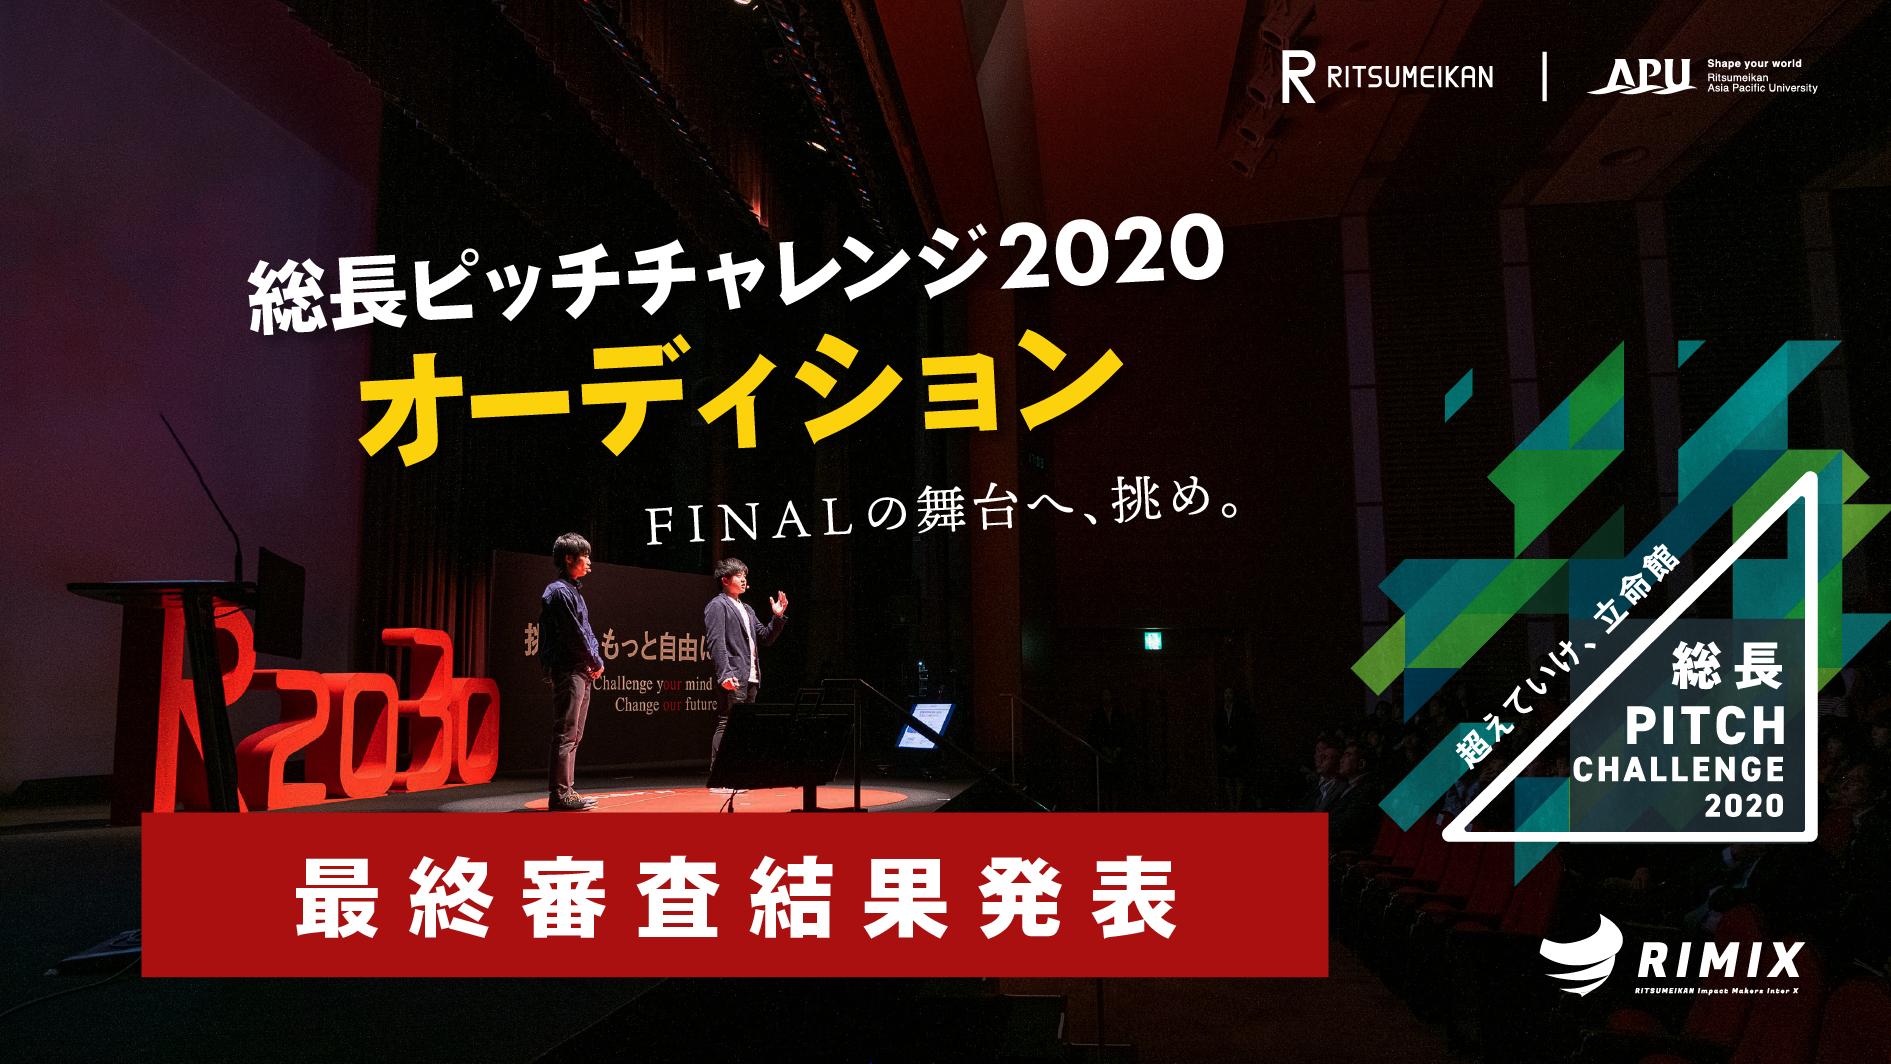 総長PITCH CHALLENGE 2020「オーディション」最終審査結果のお知らせ